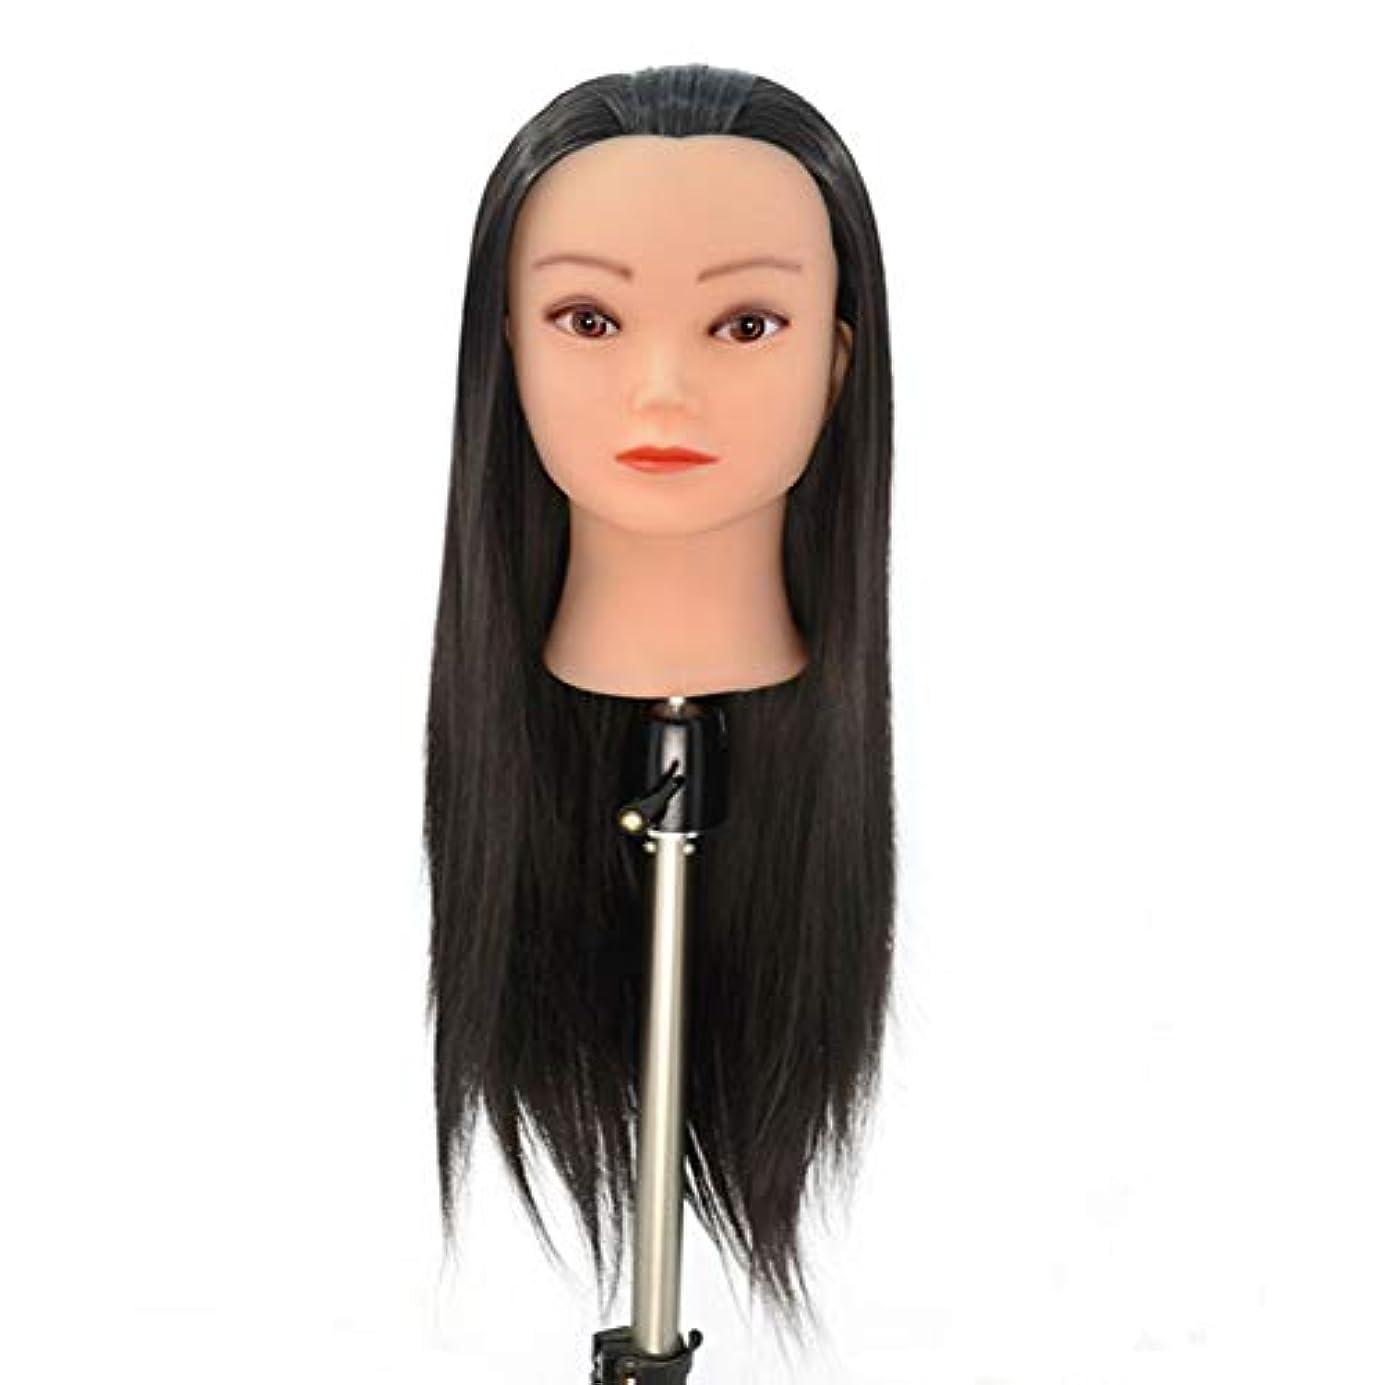 見つけるシェルター通行人は、花嫁の髪編組ひも学習ヘッドモデル理髪モデルヘッド理髪サロン散髪ダミー練習ヘッド